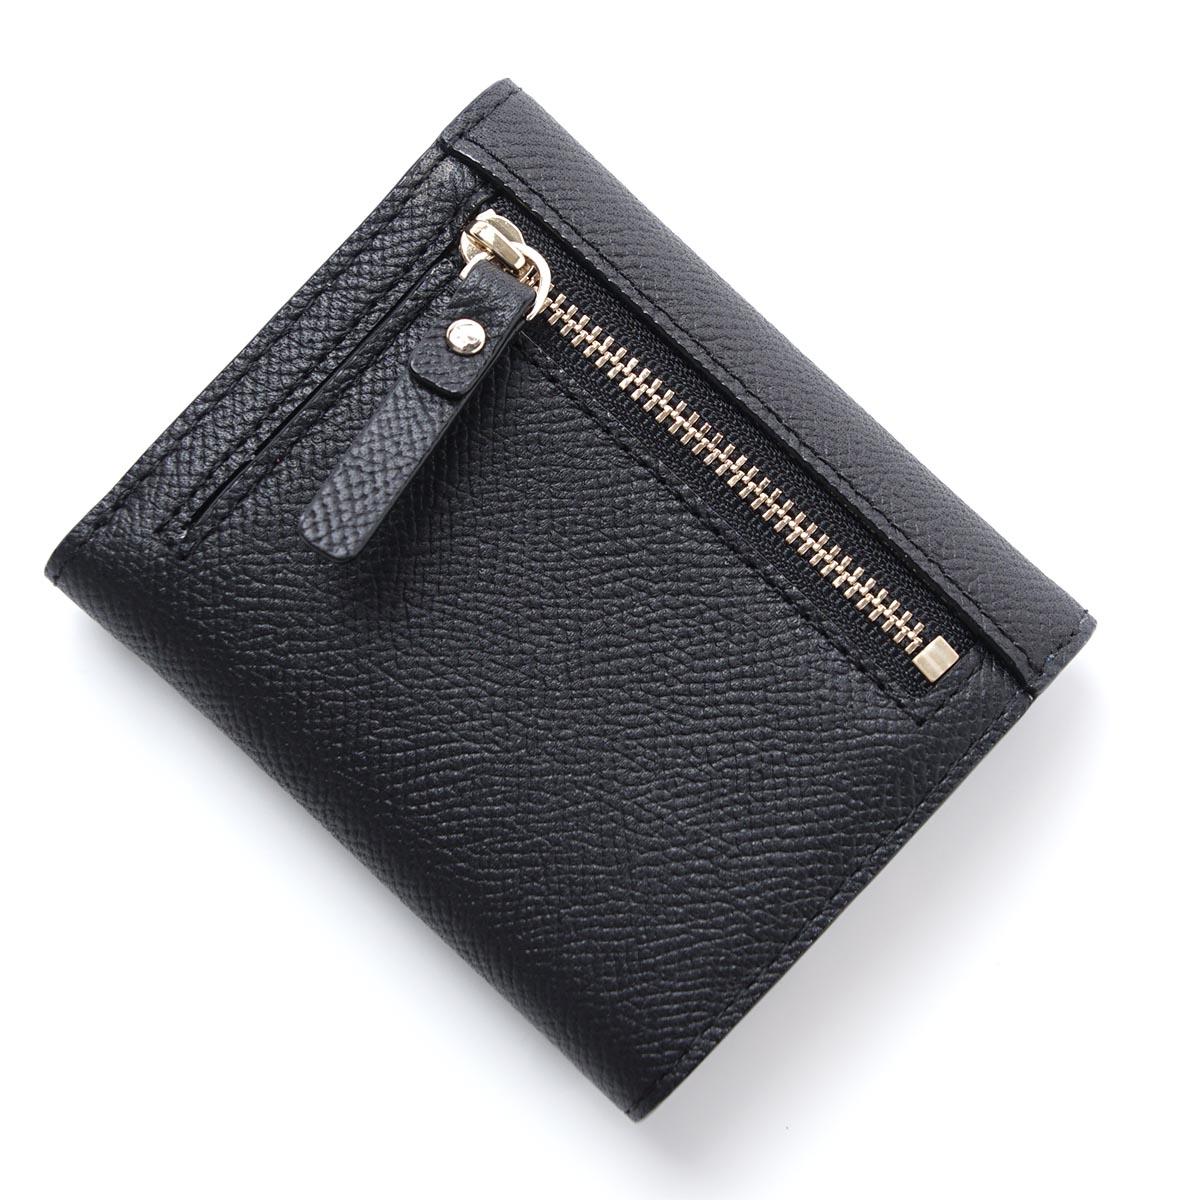 有凯特黑桃Kate Spade 3个机会钱包硬币袋的MORRIS LANE JADA LEATHER BLACK×CEMENT黑色派jada pwru5558 067女士